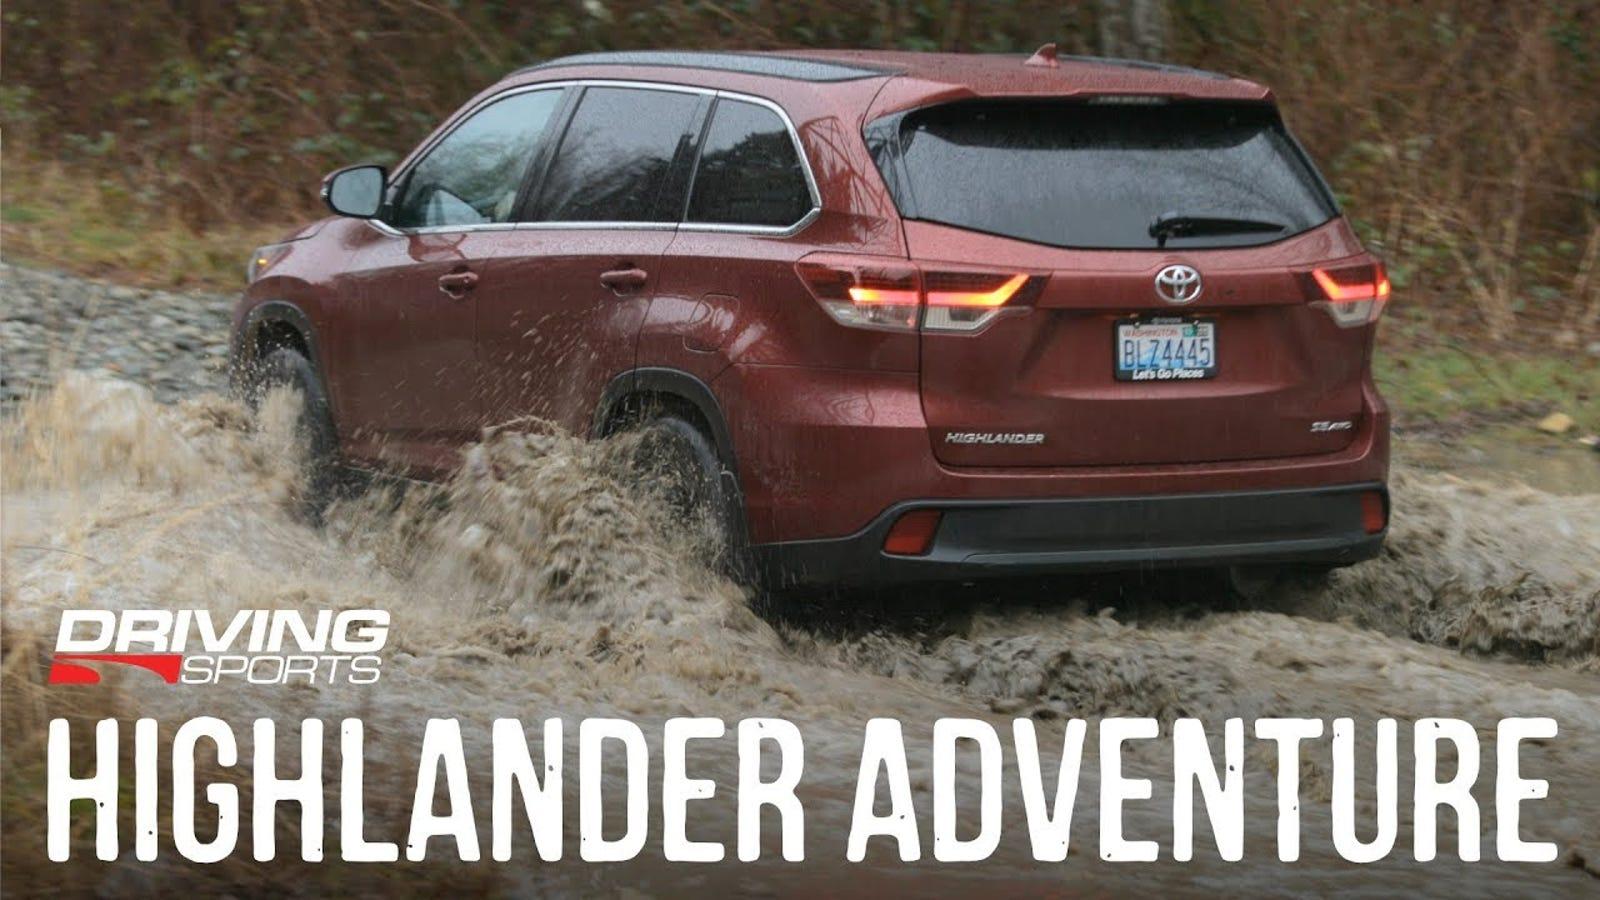 Toyota Highlander Vs Honda Pilot >> 2019 Toyota Highlander vs. Mud, Snow, Road